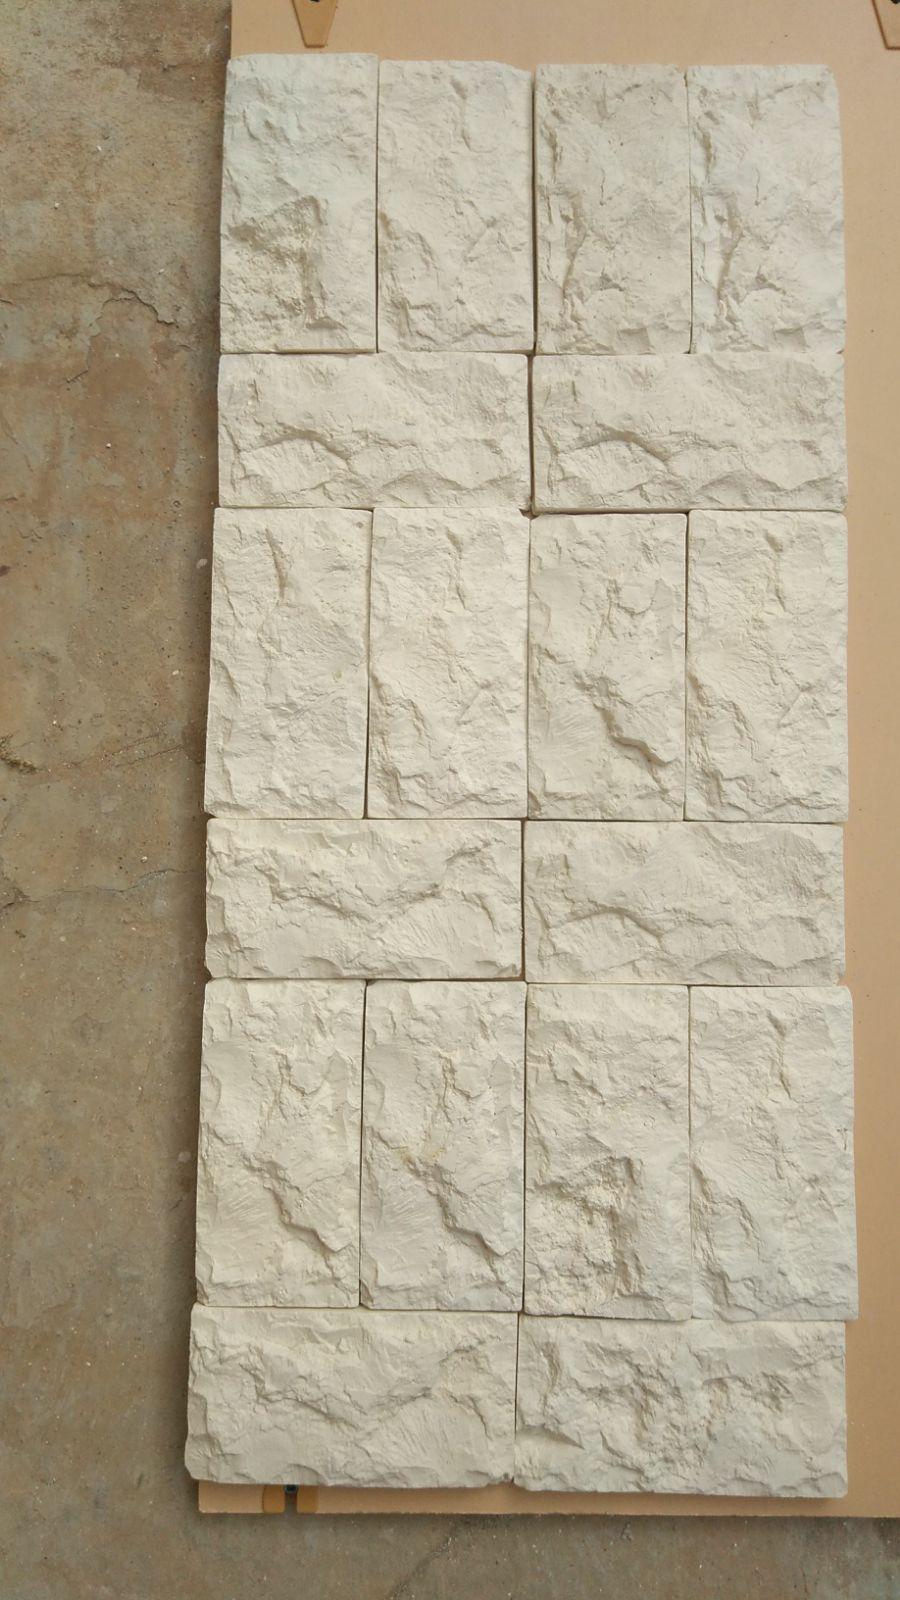 5236ed2a72 Piedras para paredes con problemas de humedad o como revestimiento  decorativo.